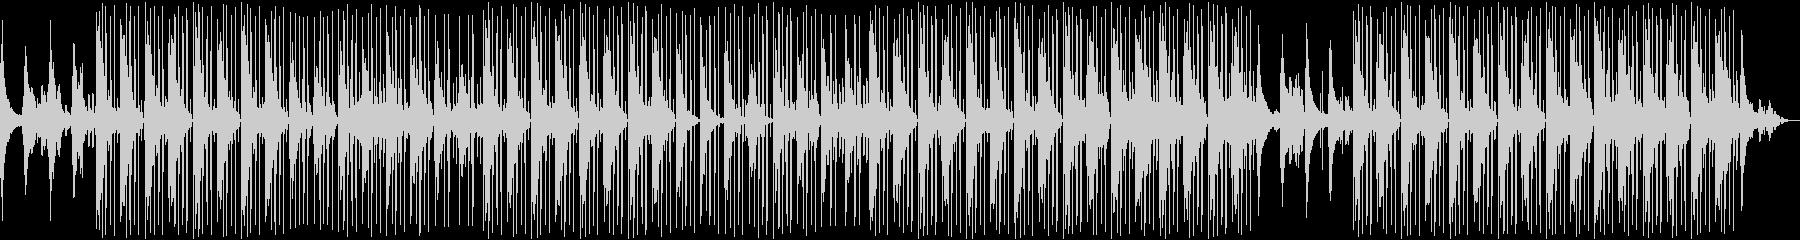 ローファイ、ギター、チルアウト、VLOGの未再生の波形